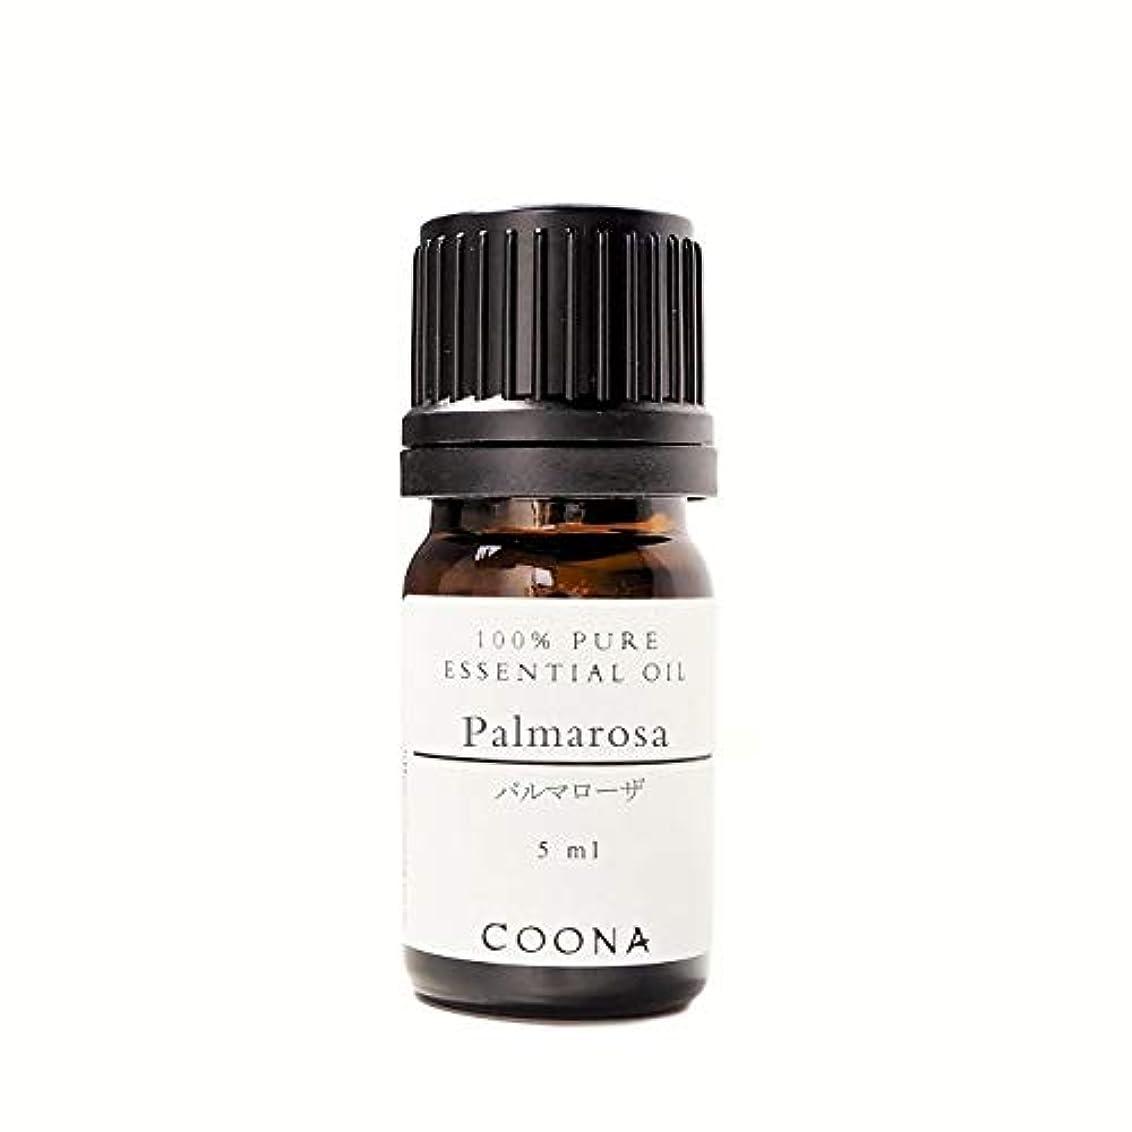 花火西部声を出してパルマローザ 5 ml (COONA エッセンシャルオイル アロマオイル 100%天然植物精油)